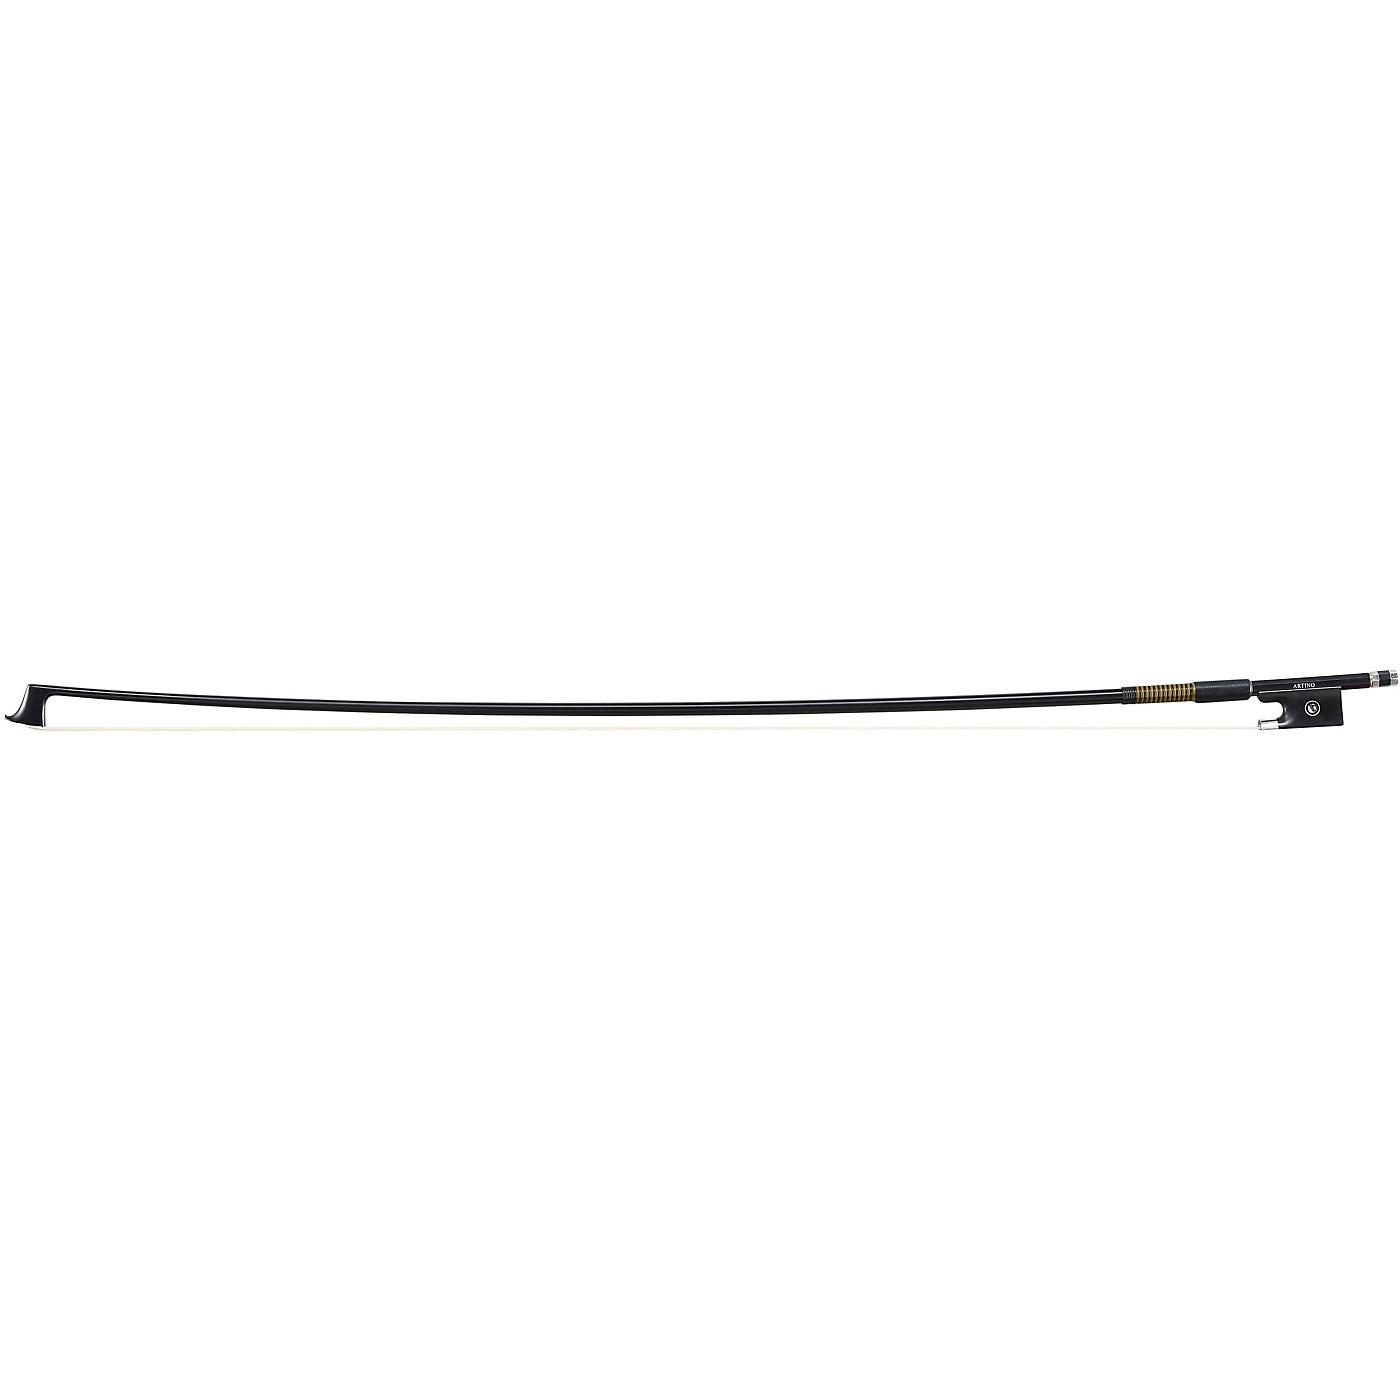 Artino Select Series Carbon Graphite Violin Bow thumbnail